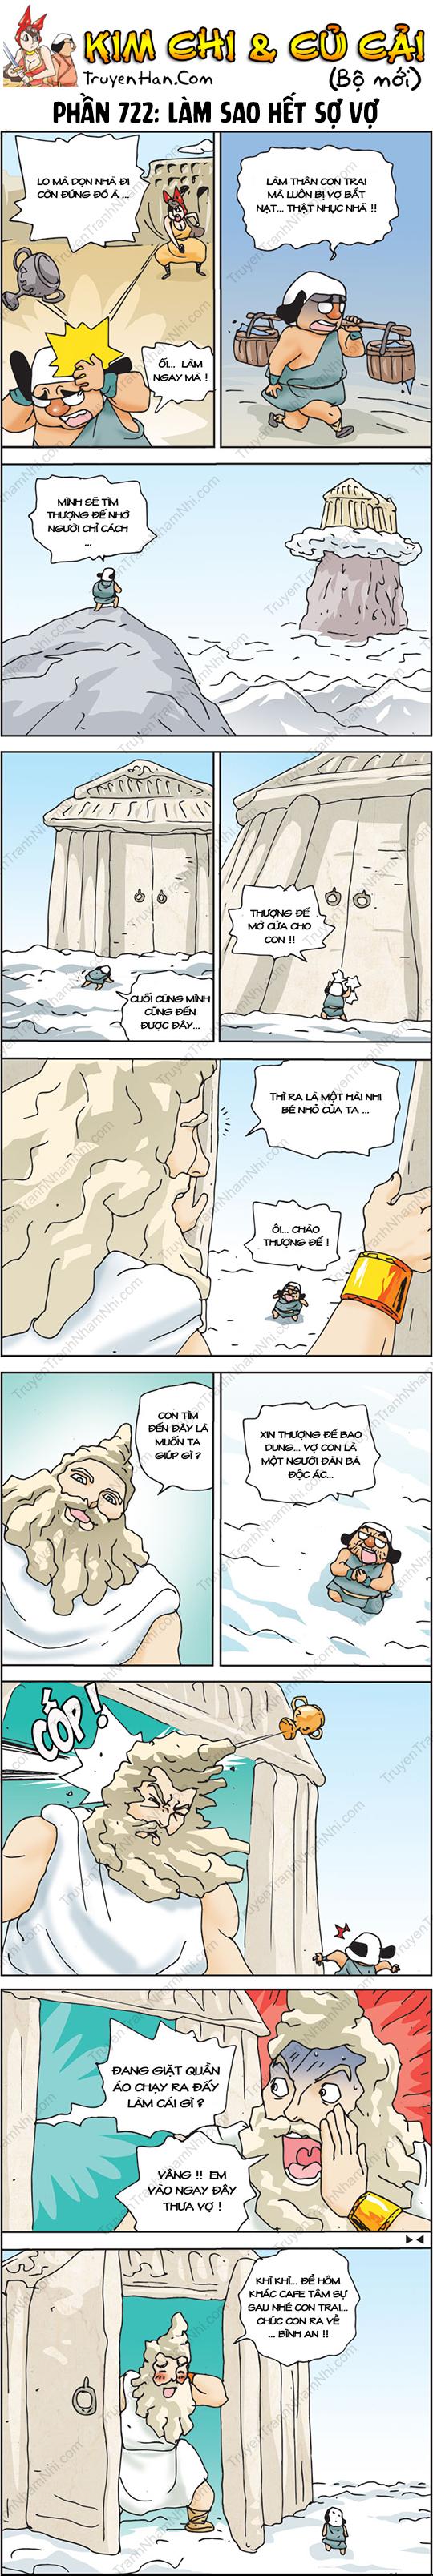 Kim Chi Và Củ Cải Phần 722: Làm sao hết sợ vợ?